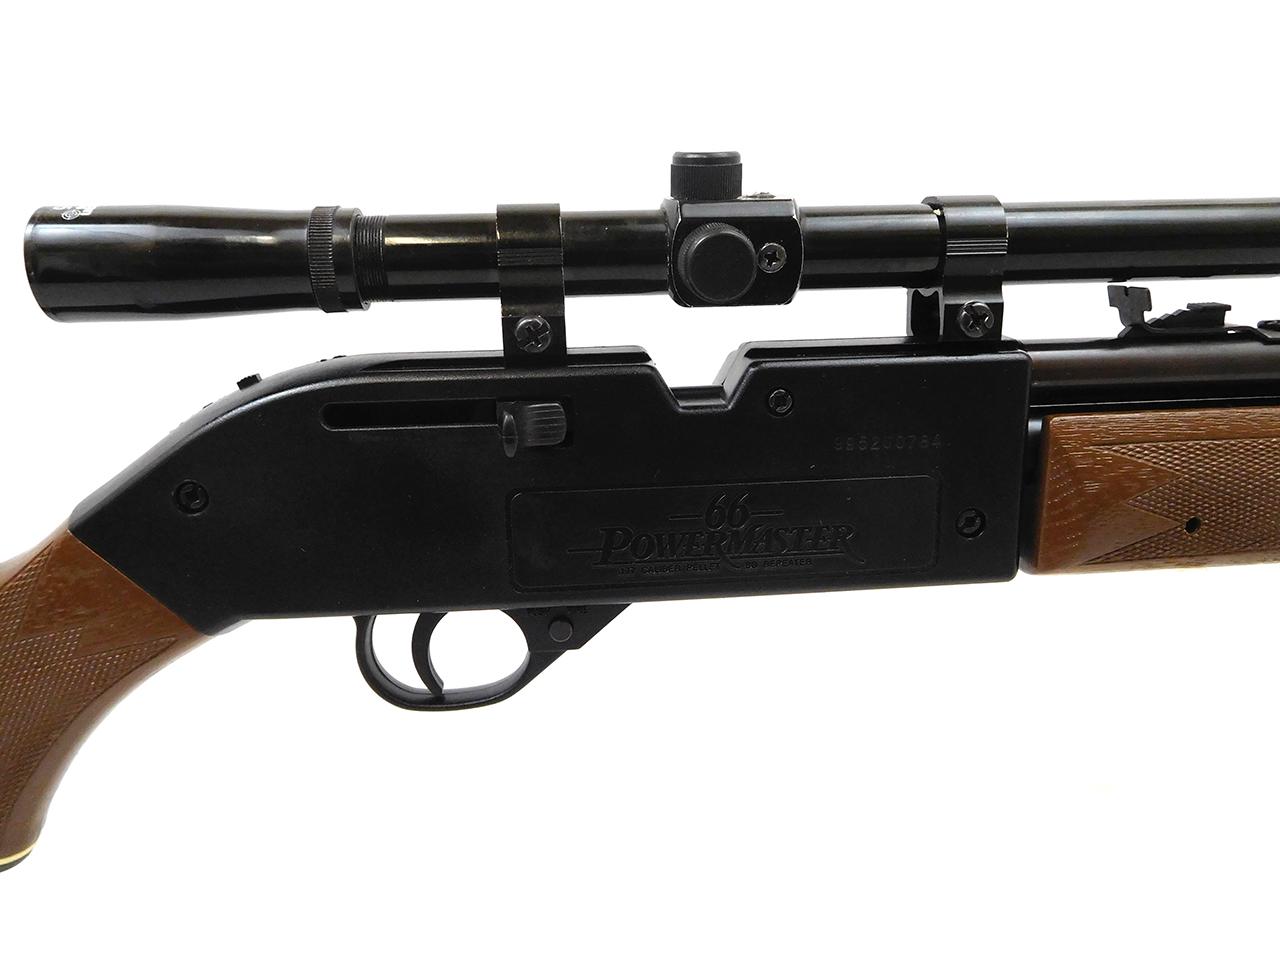 ... Crosman 66 Powermaster Air Rifle. 🔍. Prev